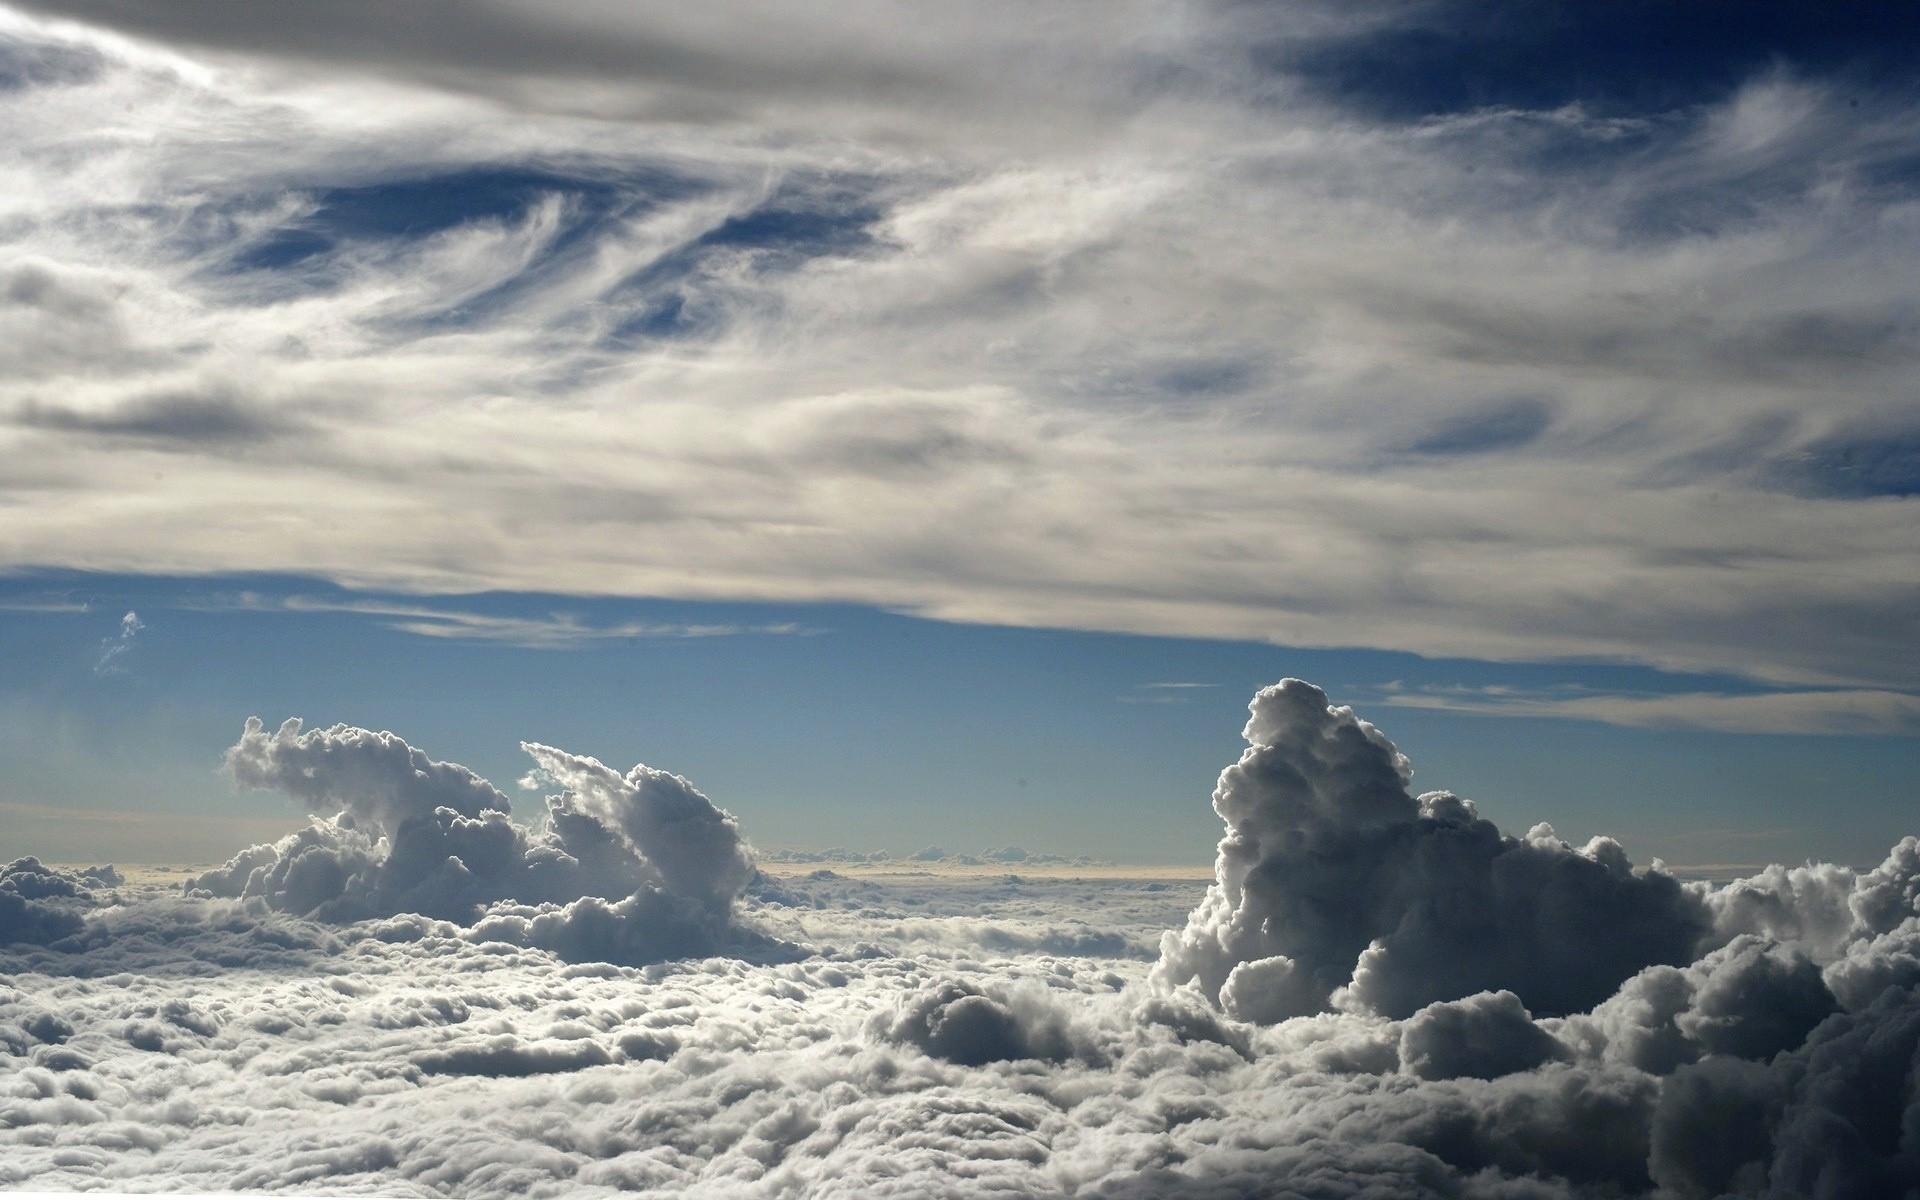 черный облака над облаками картинки детали уйдут, останется